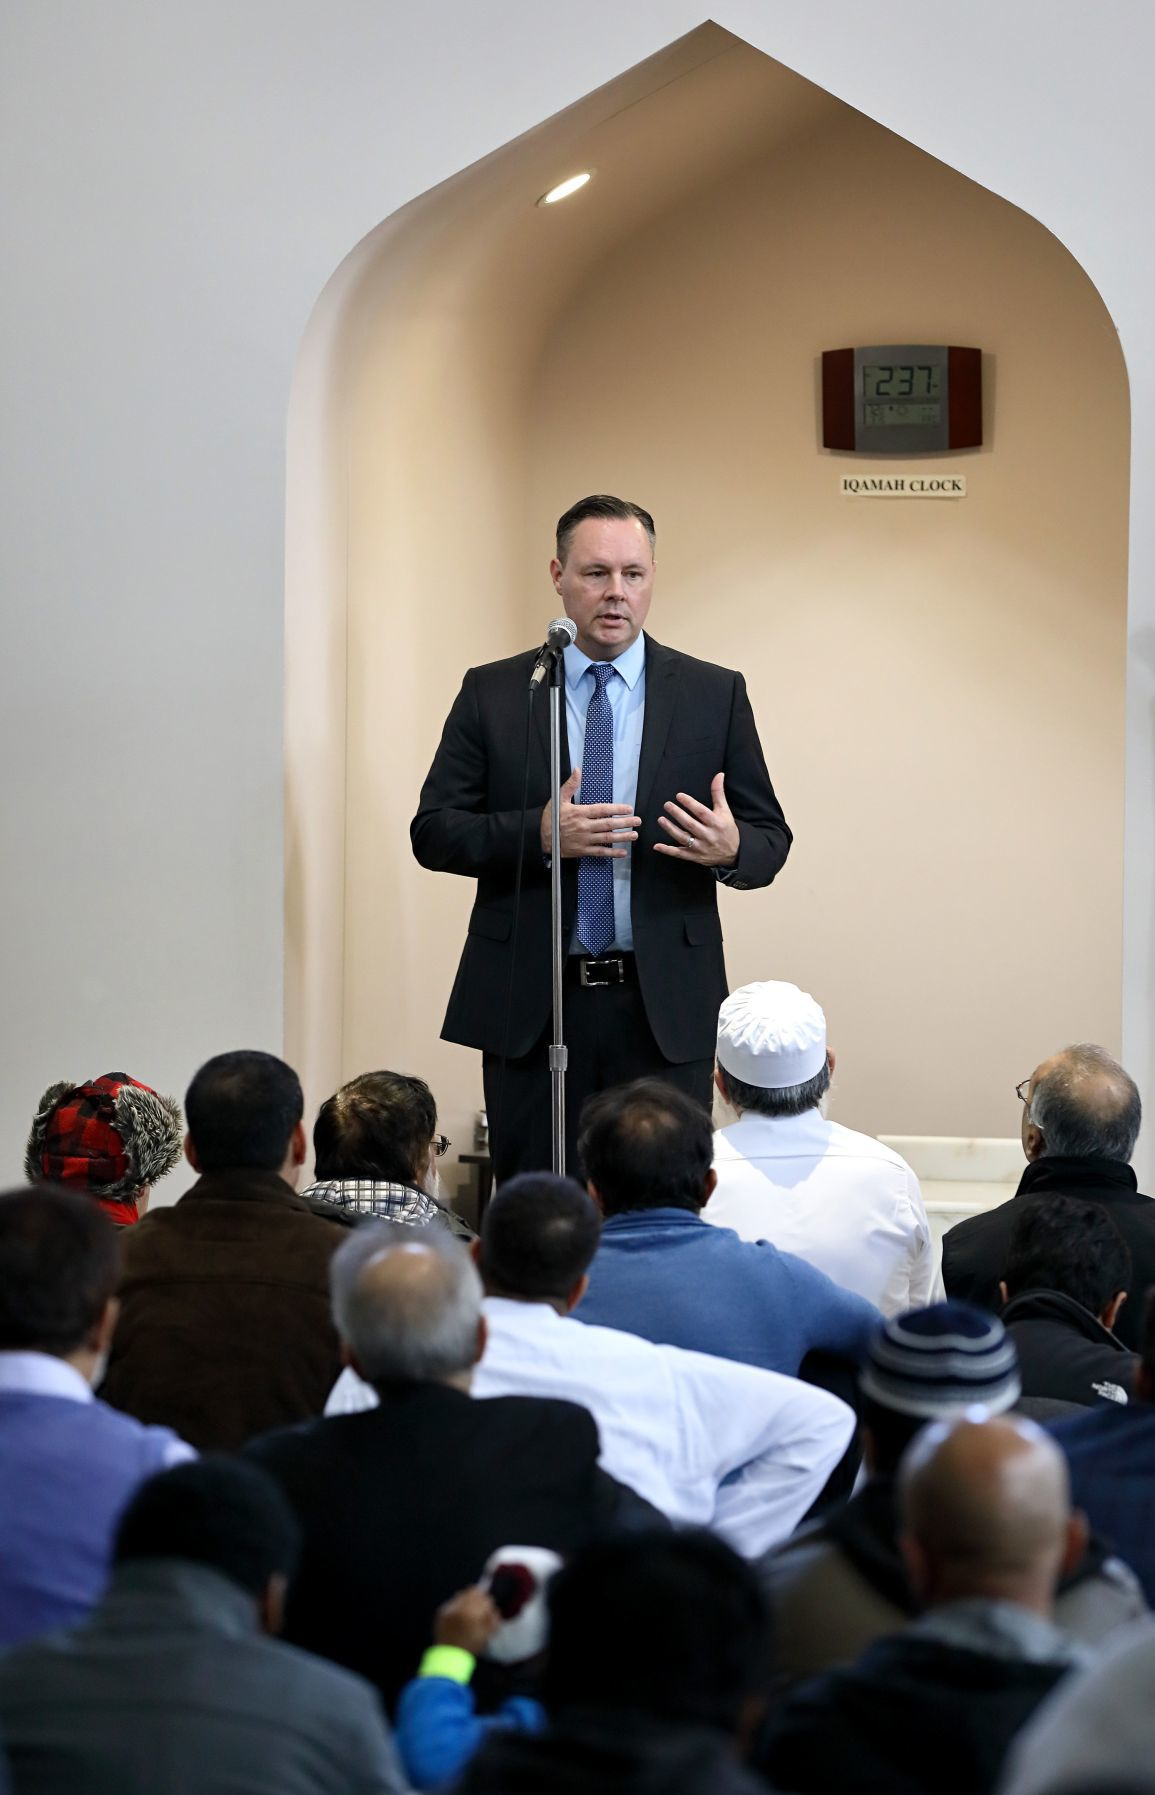 Daar ul-Islam mosque